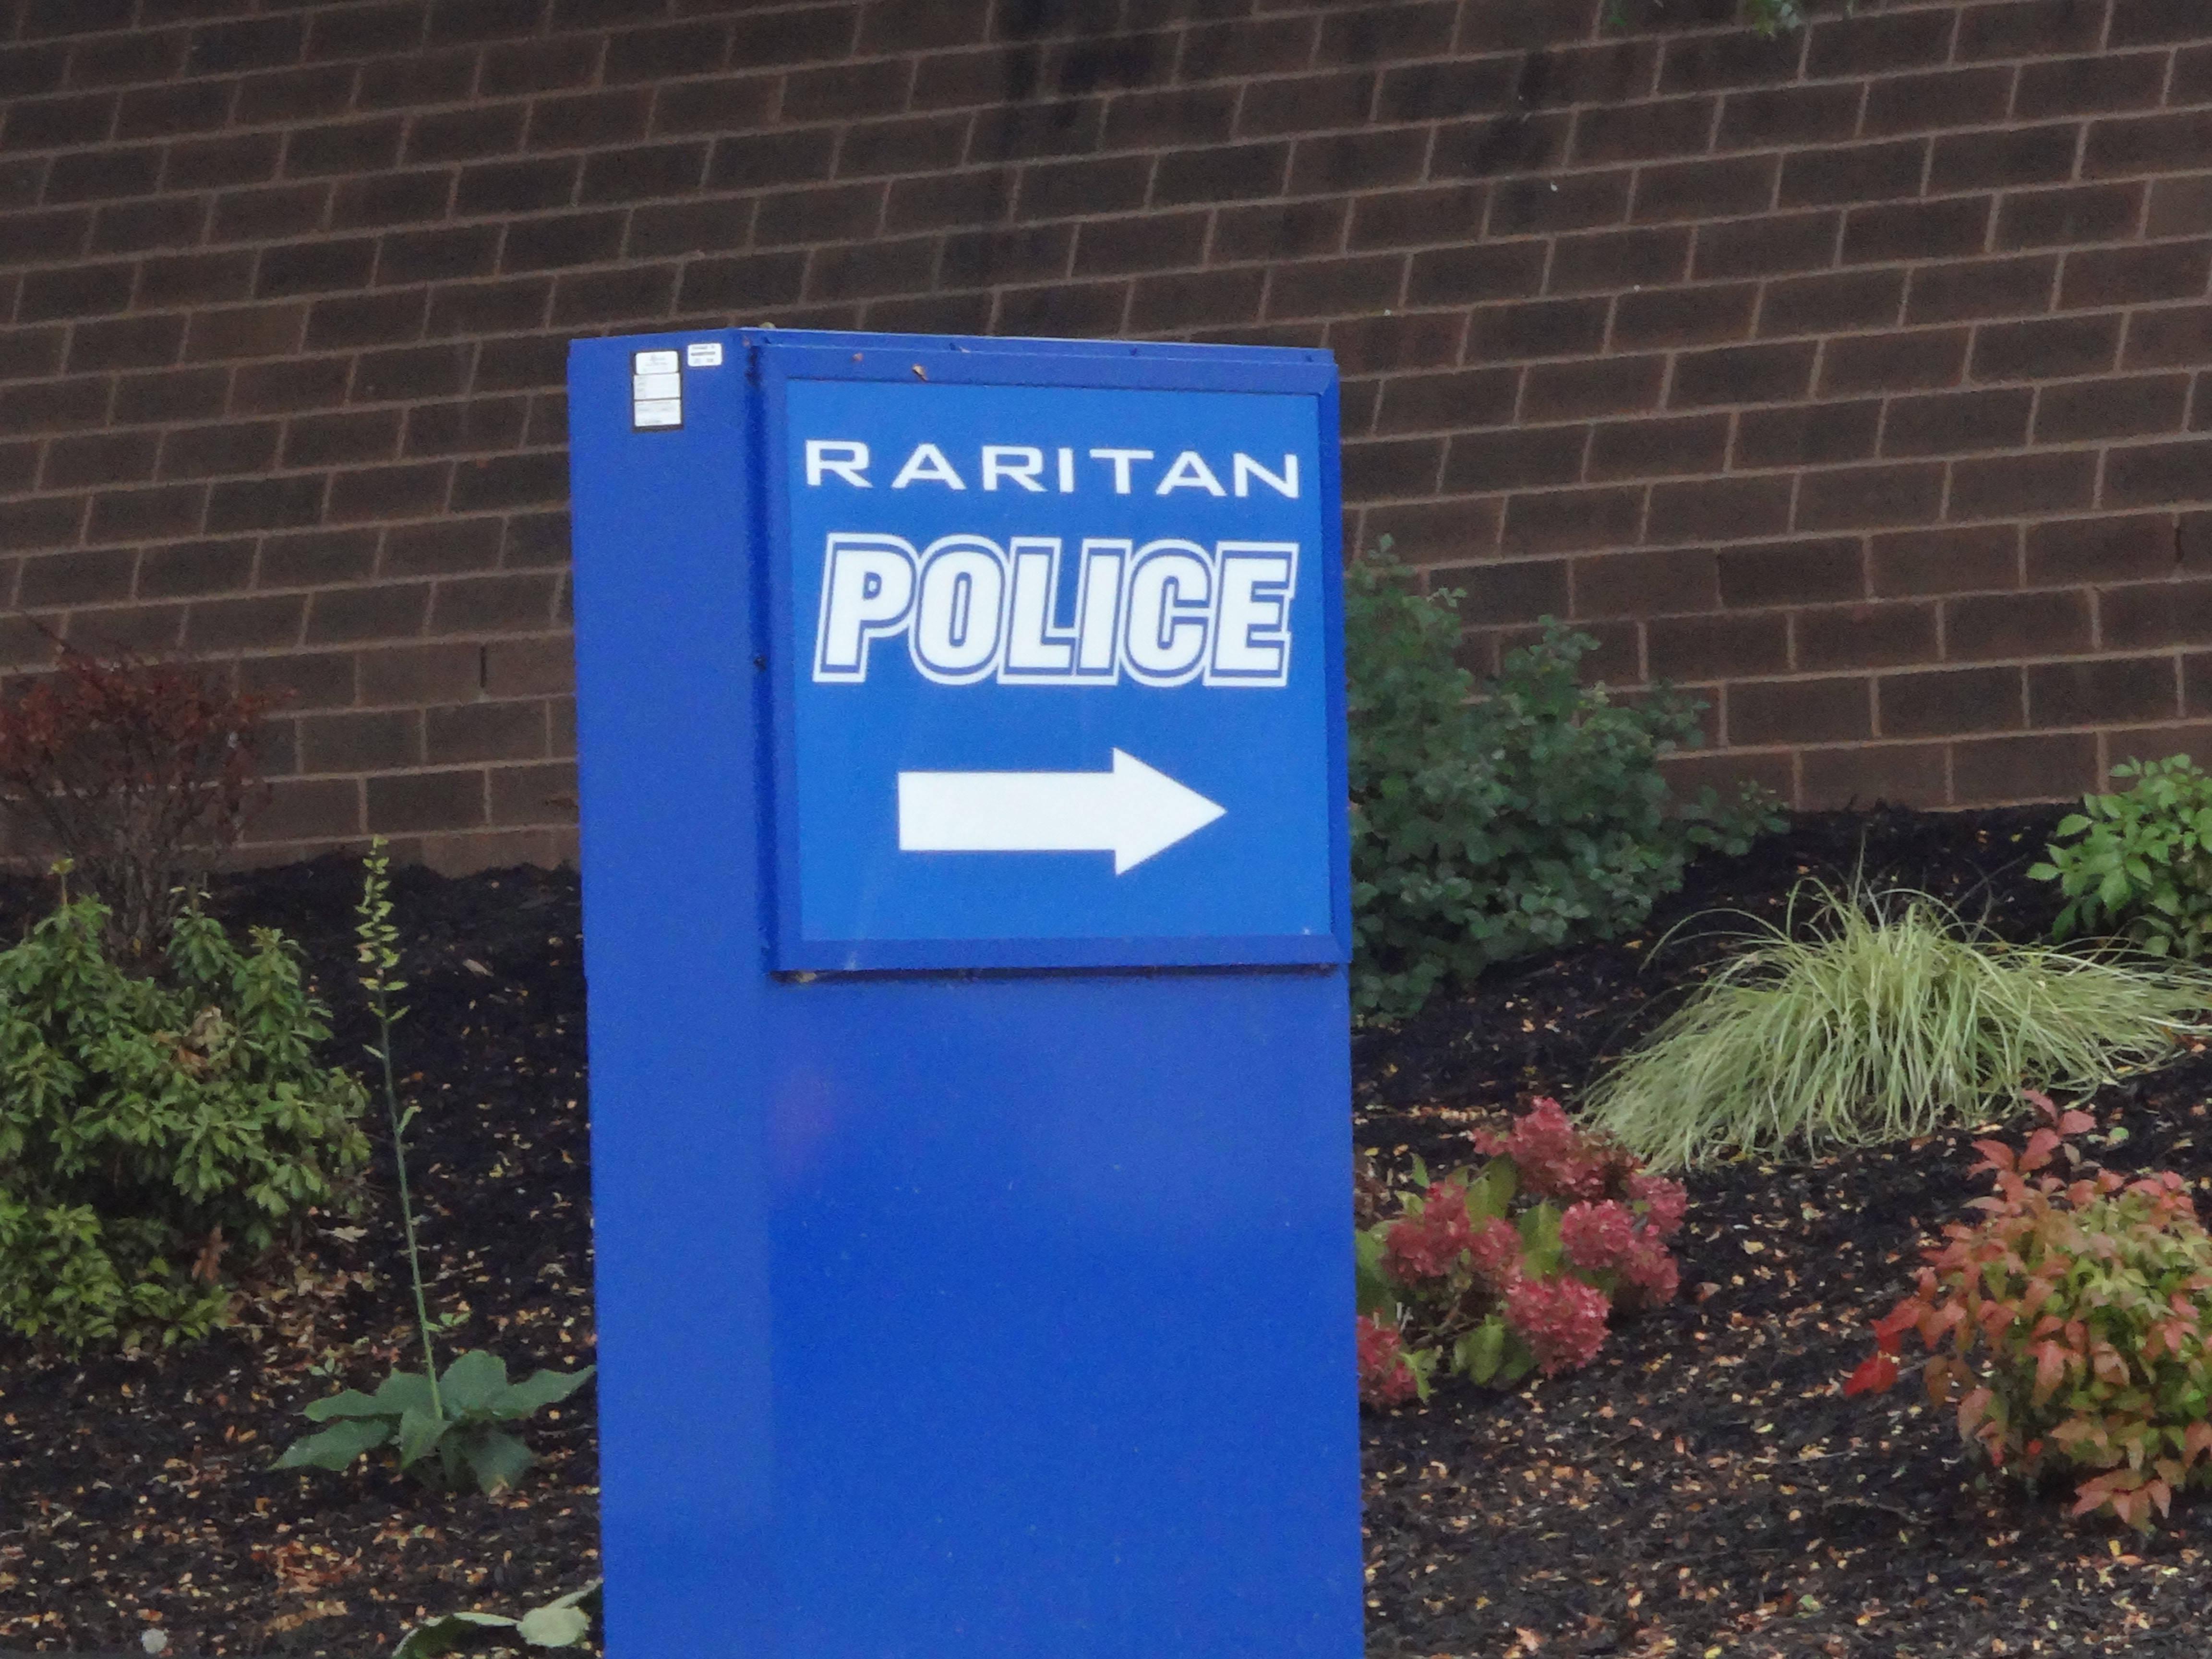 4a323b31e0b62c304a02_Raritan_Police.jpg